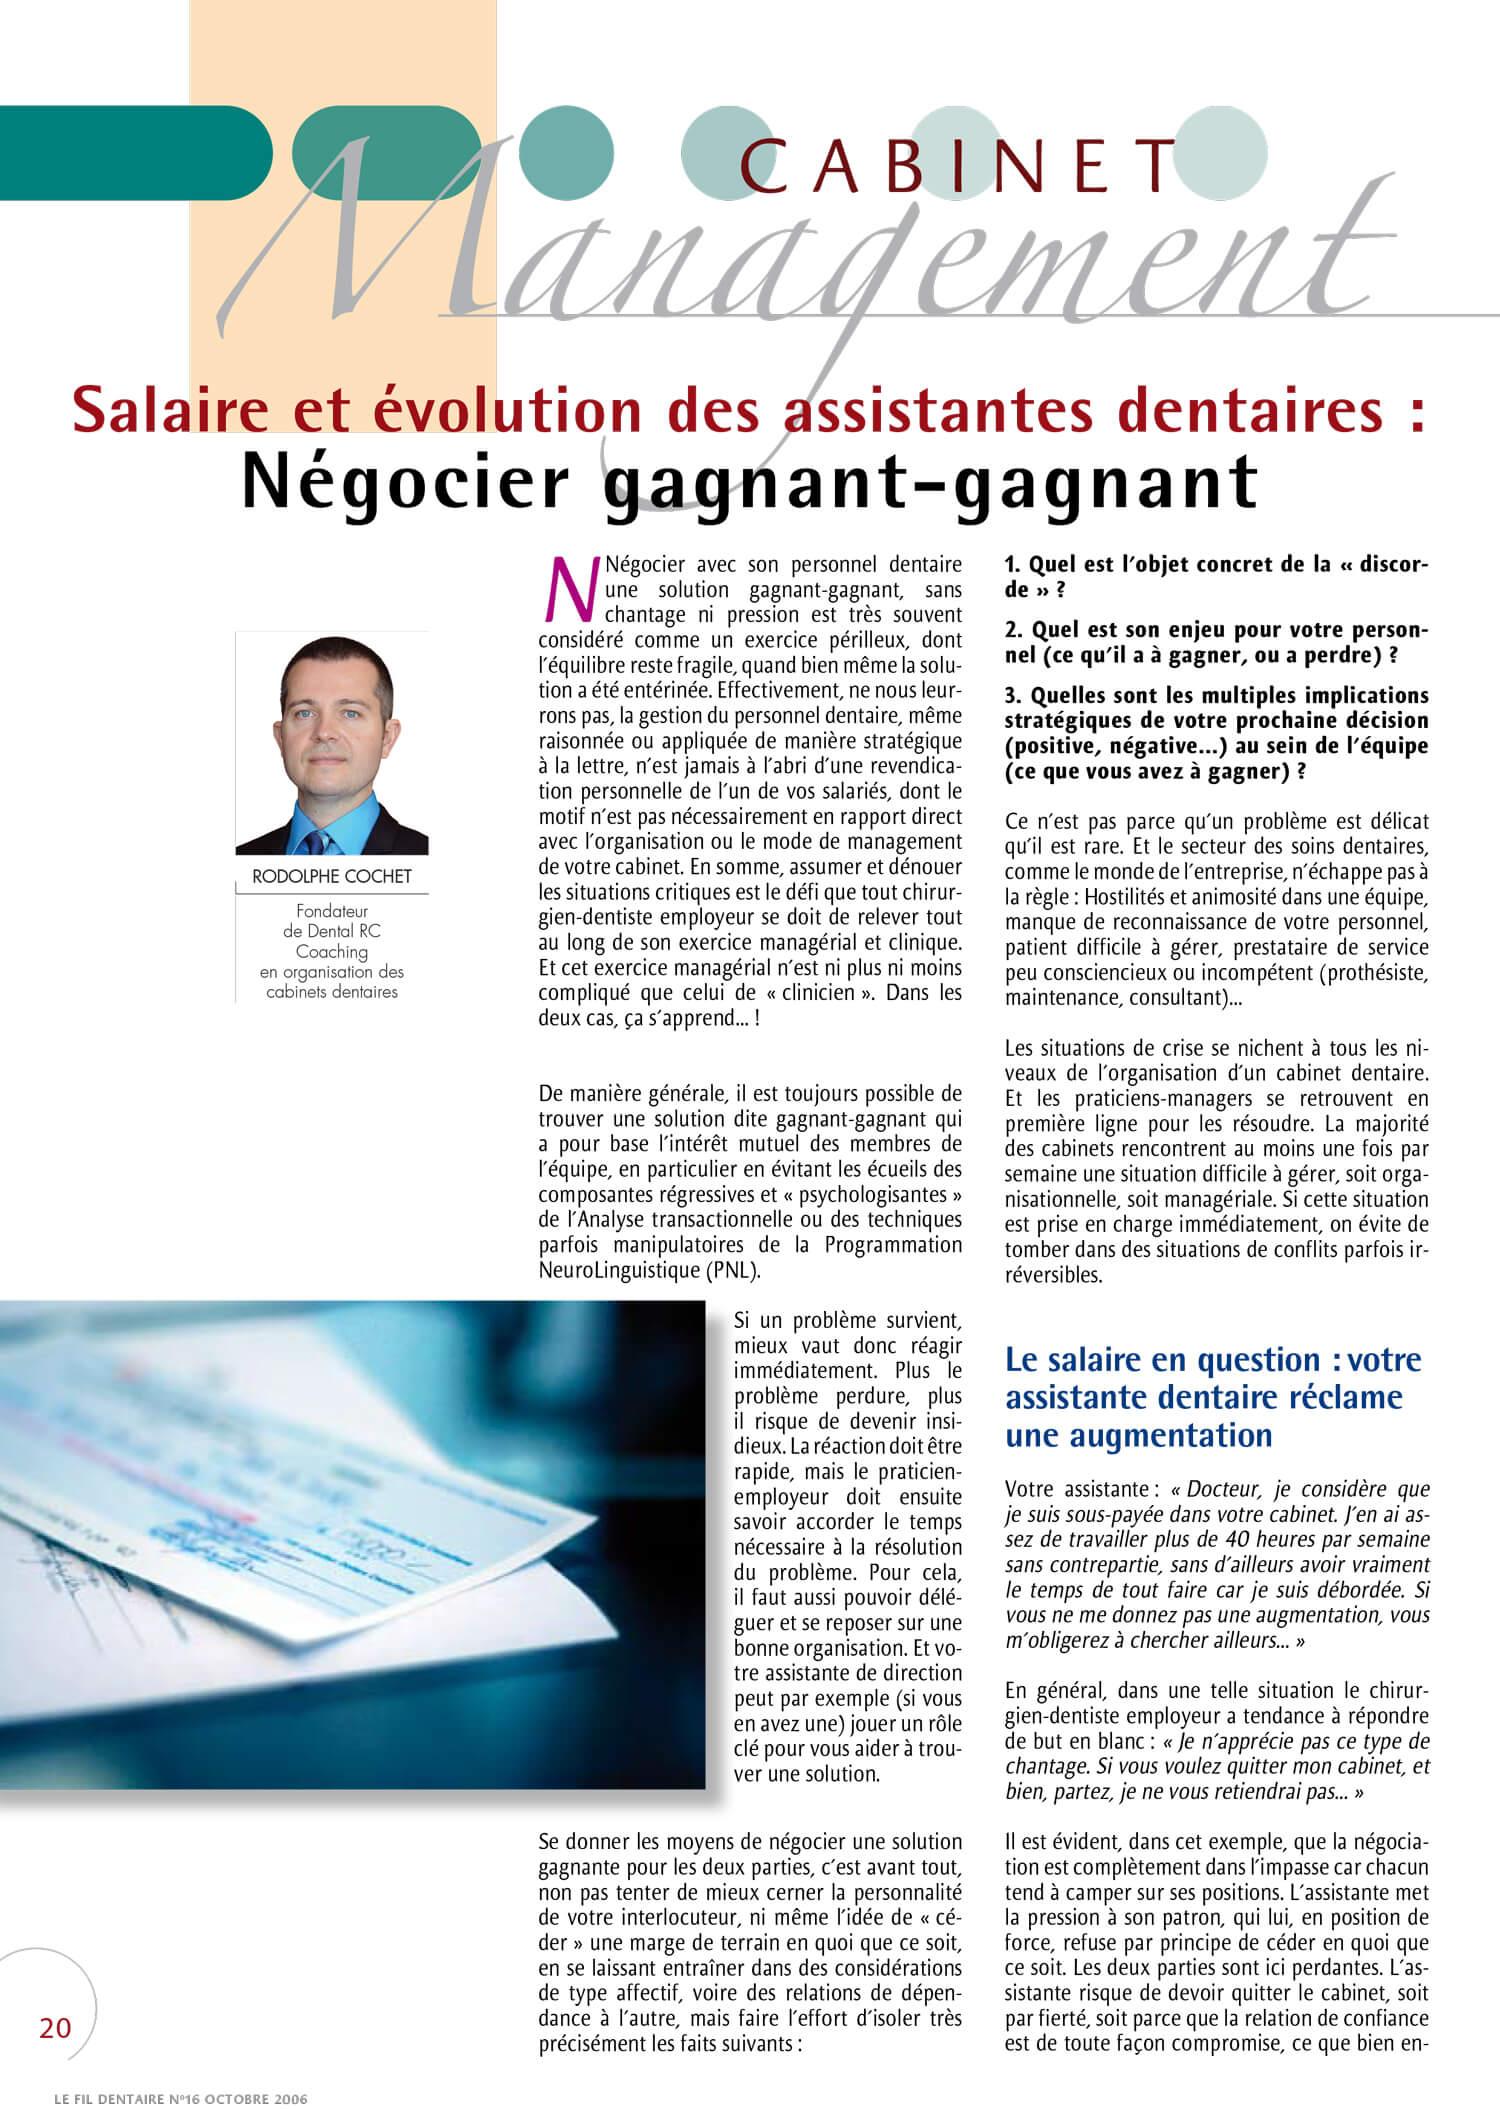 Le_Fil_Dentaire_Salaire_et_Evolution_des_assistantes_dentaires_Rodolphe_Cochet.jpg